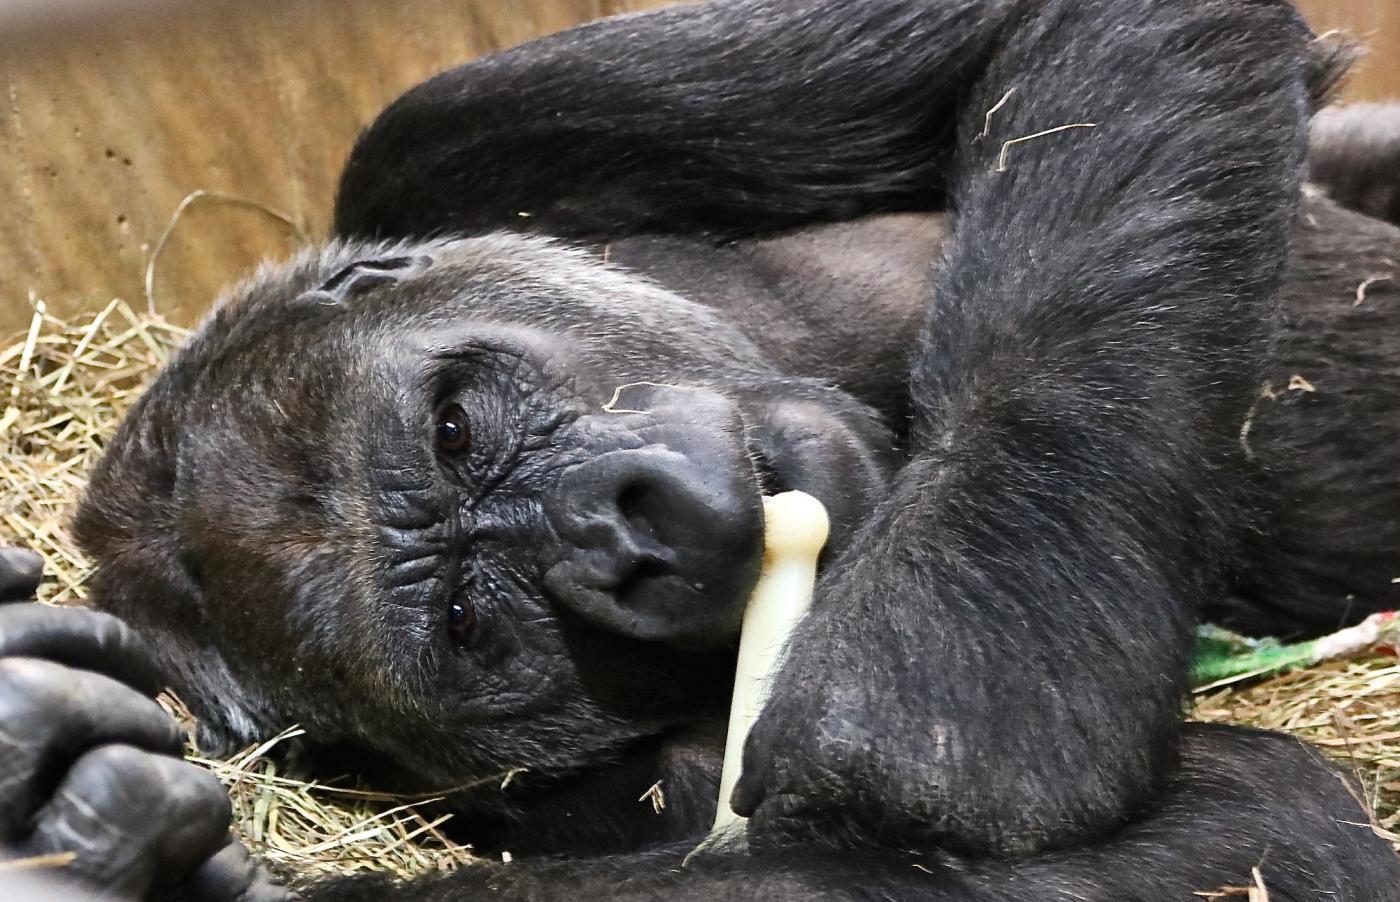 gorillastory moke makes moves